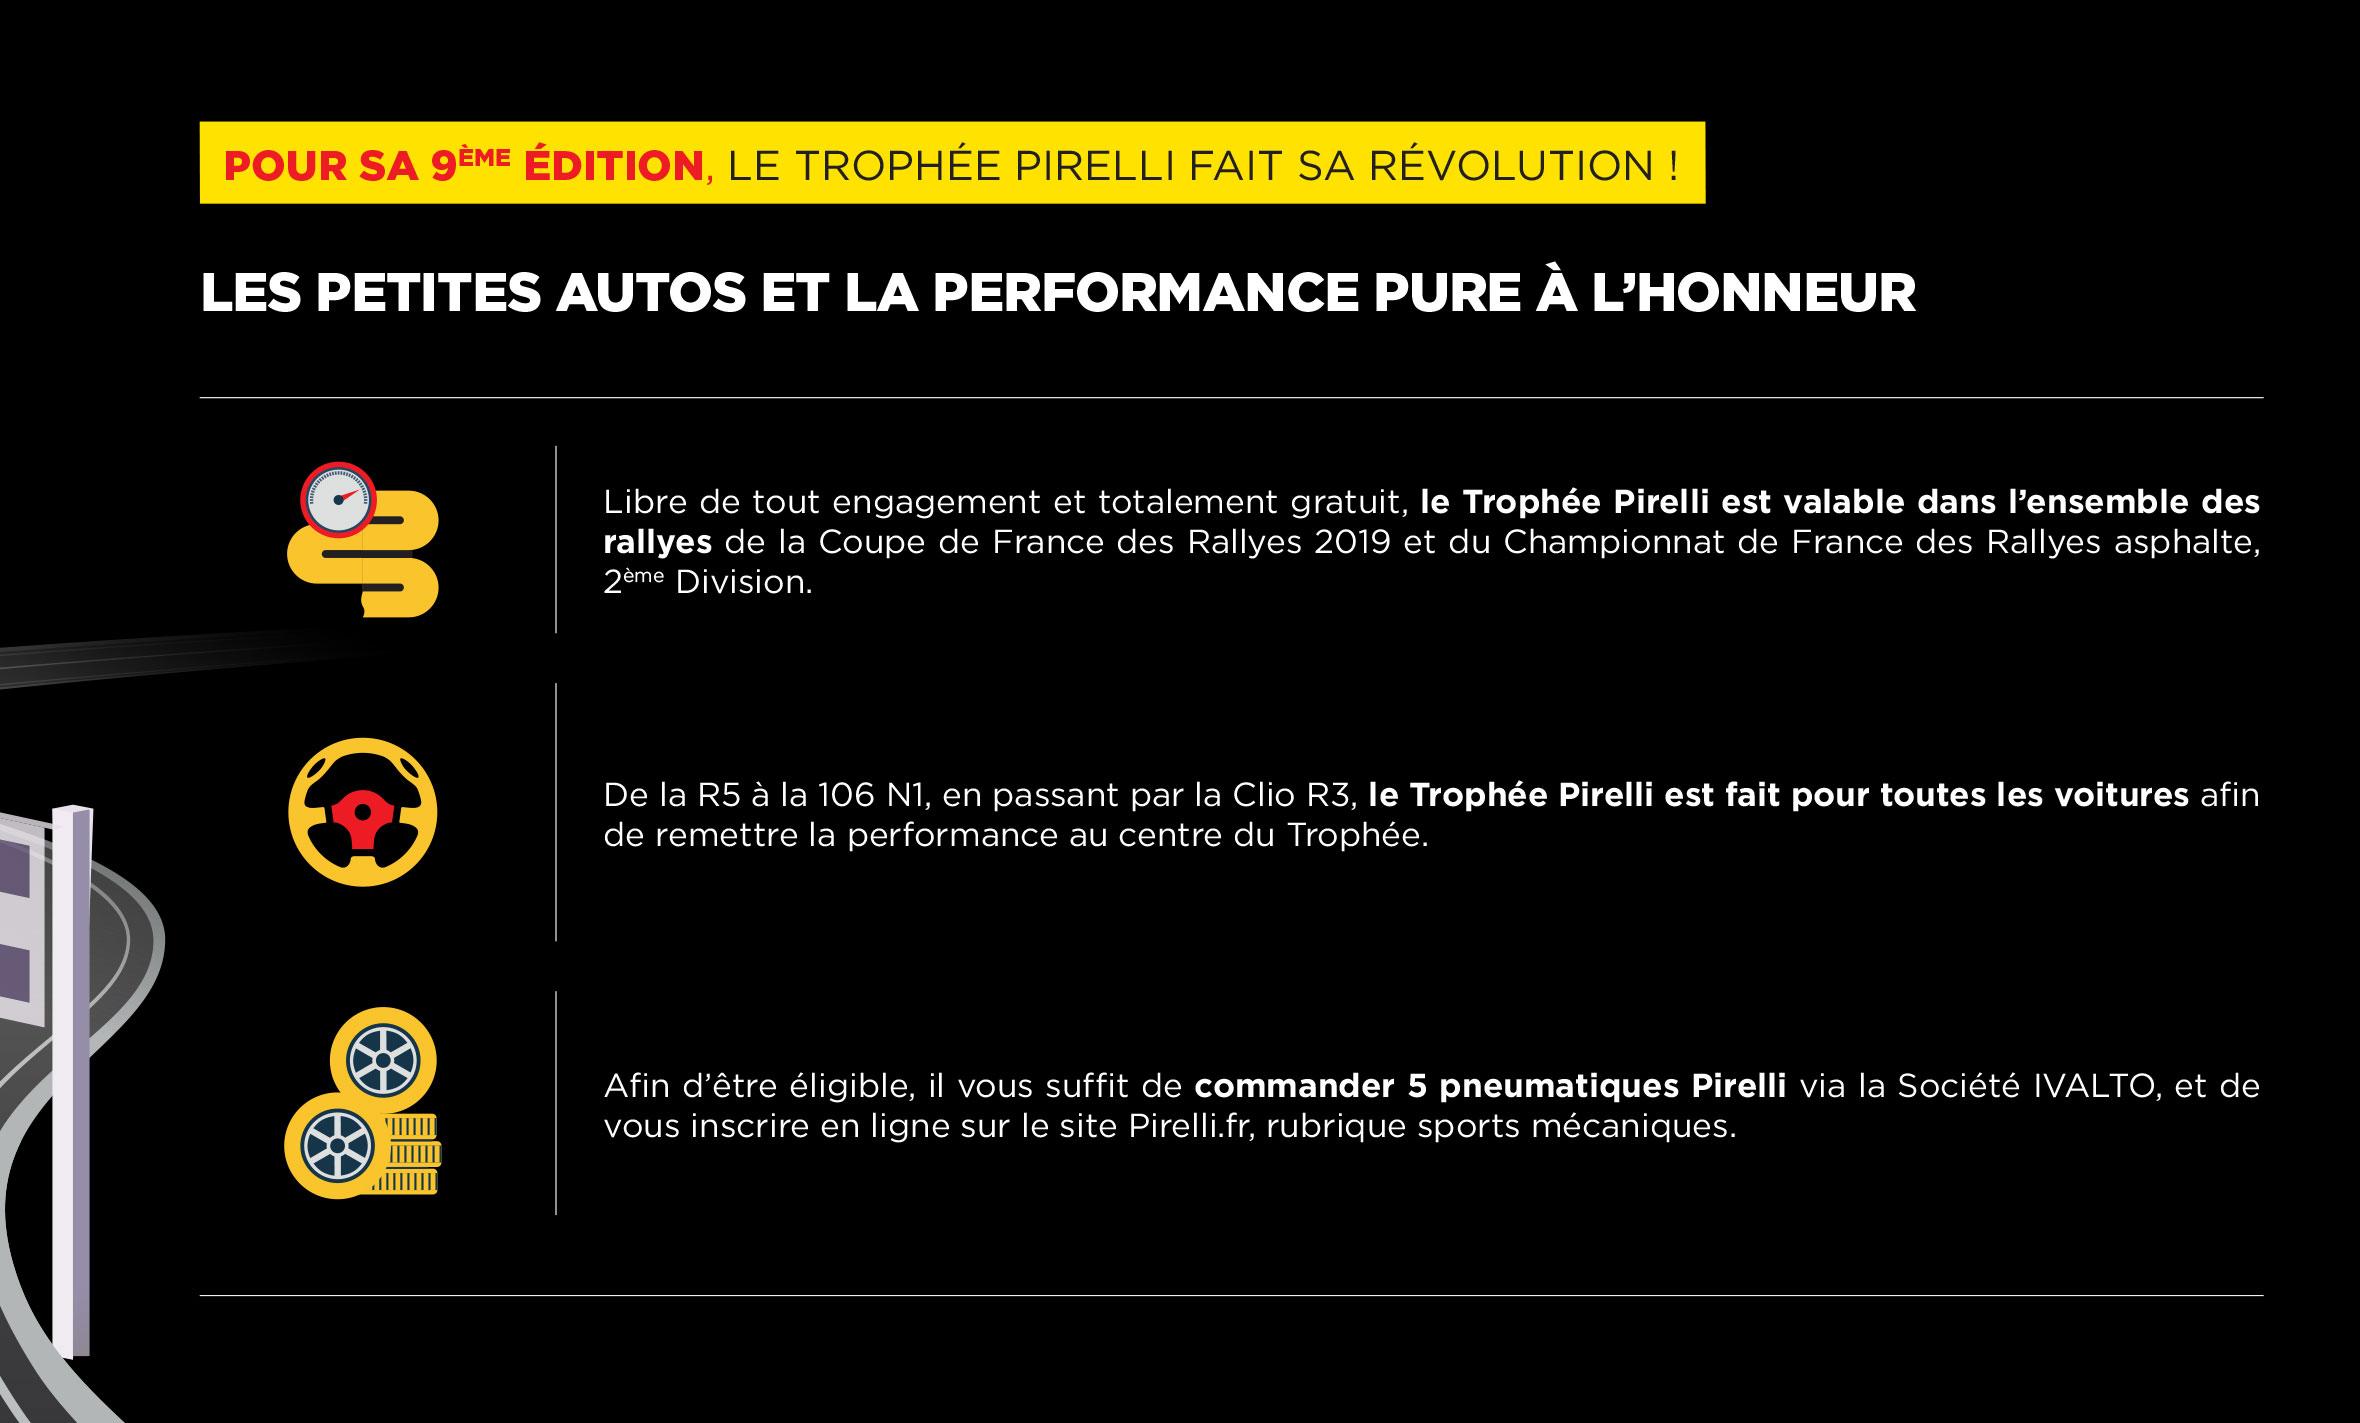 Trophée Pirelli 9ème édition